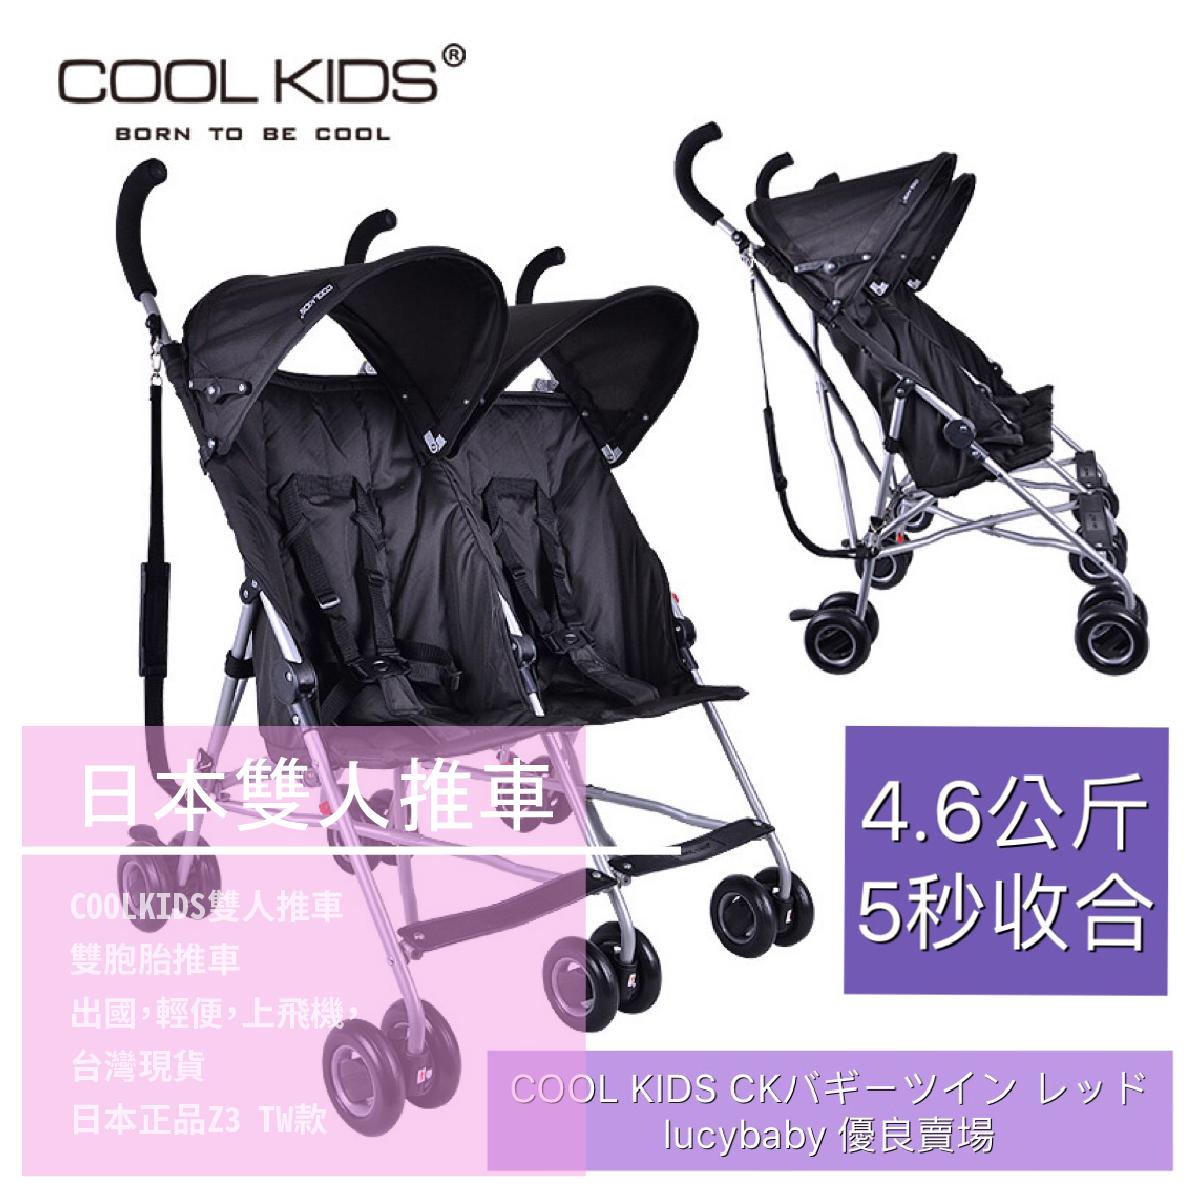 【日本COOLKIDS推車專賣店】日本COOLKIDS雙人推車,正品Z3 TW / 3款